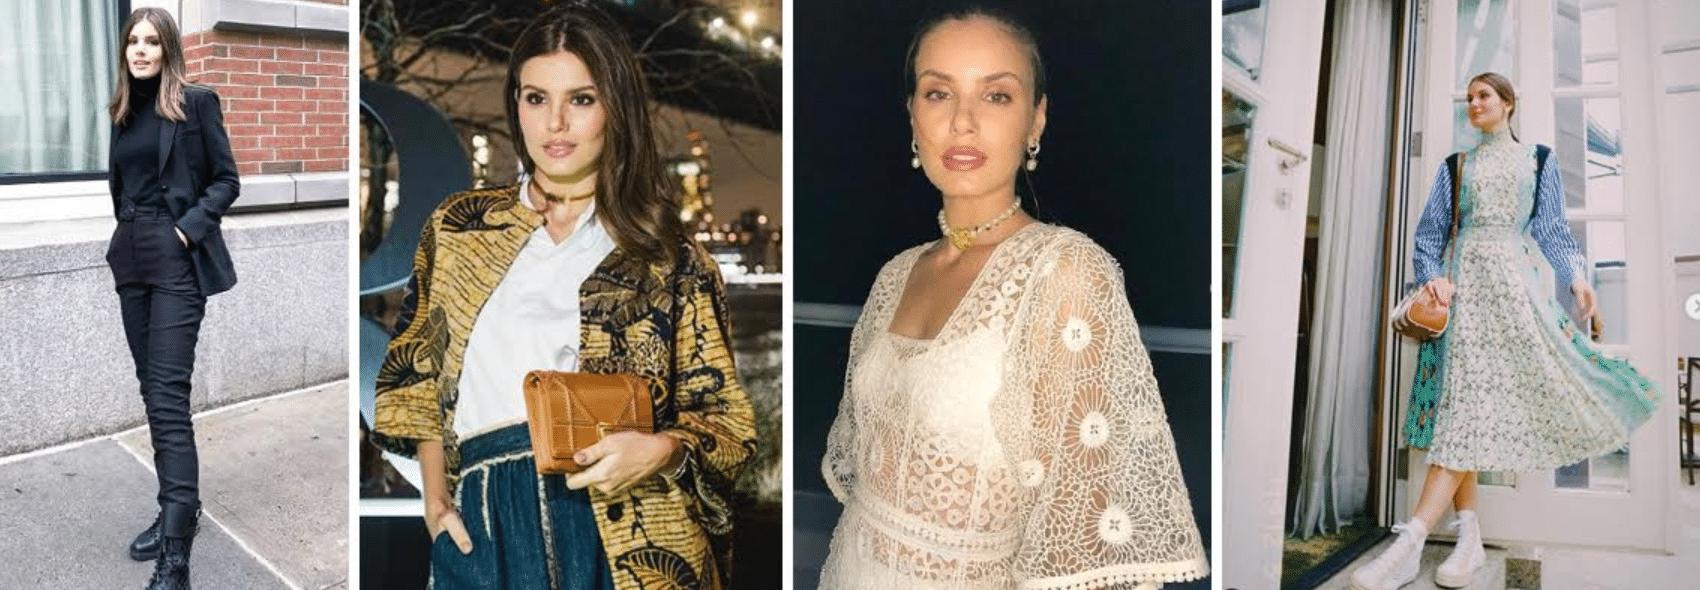 fotos da atriz camila queiroz com looks variados